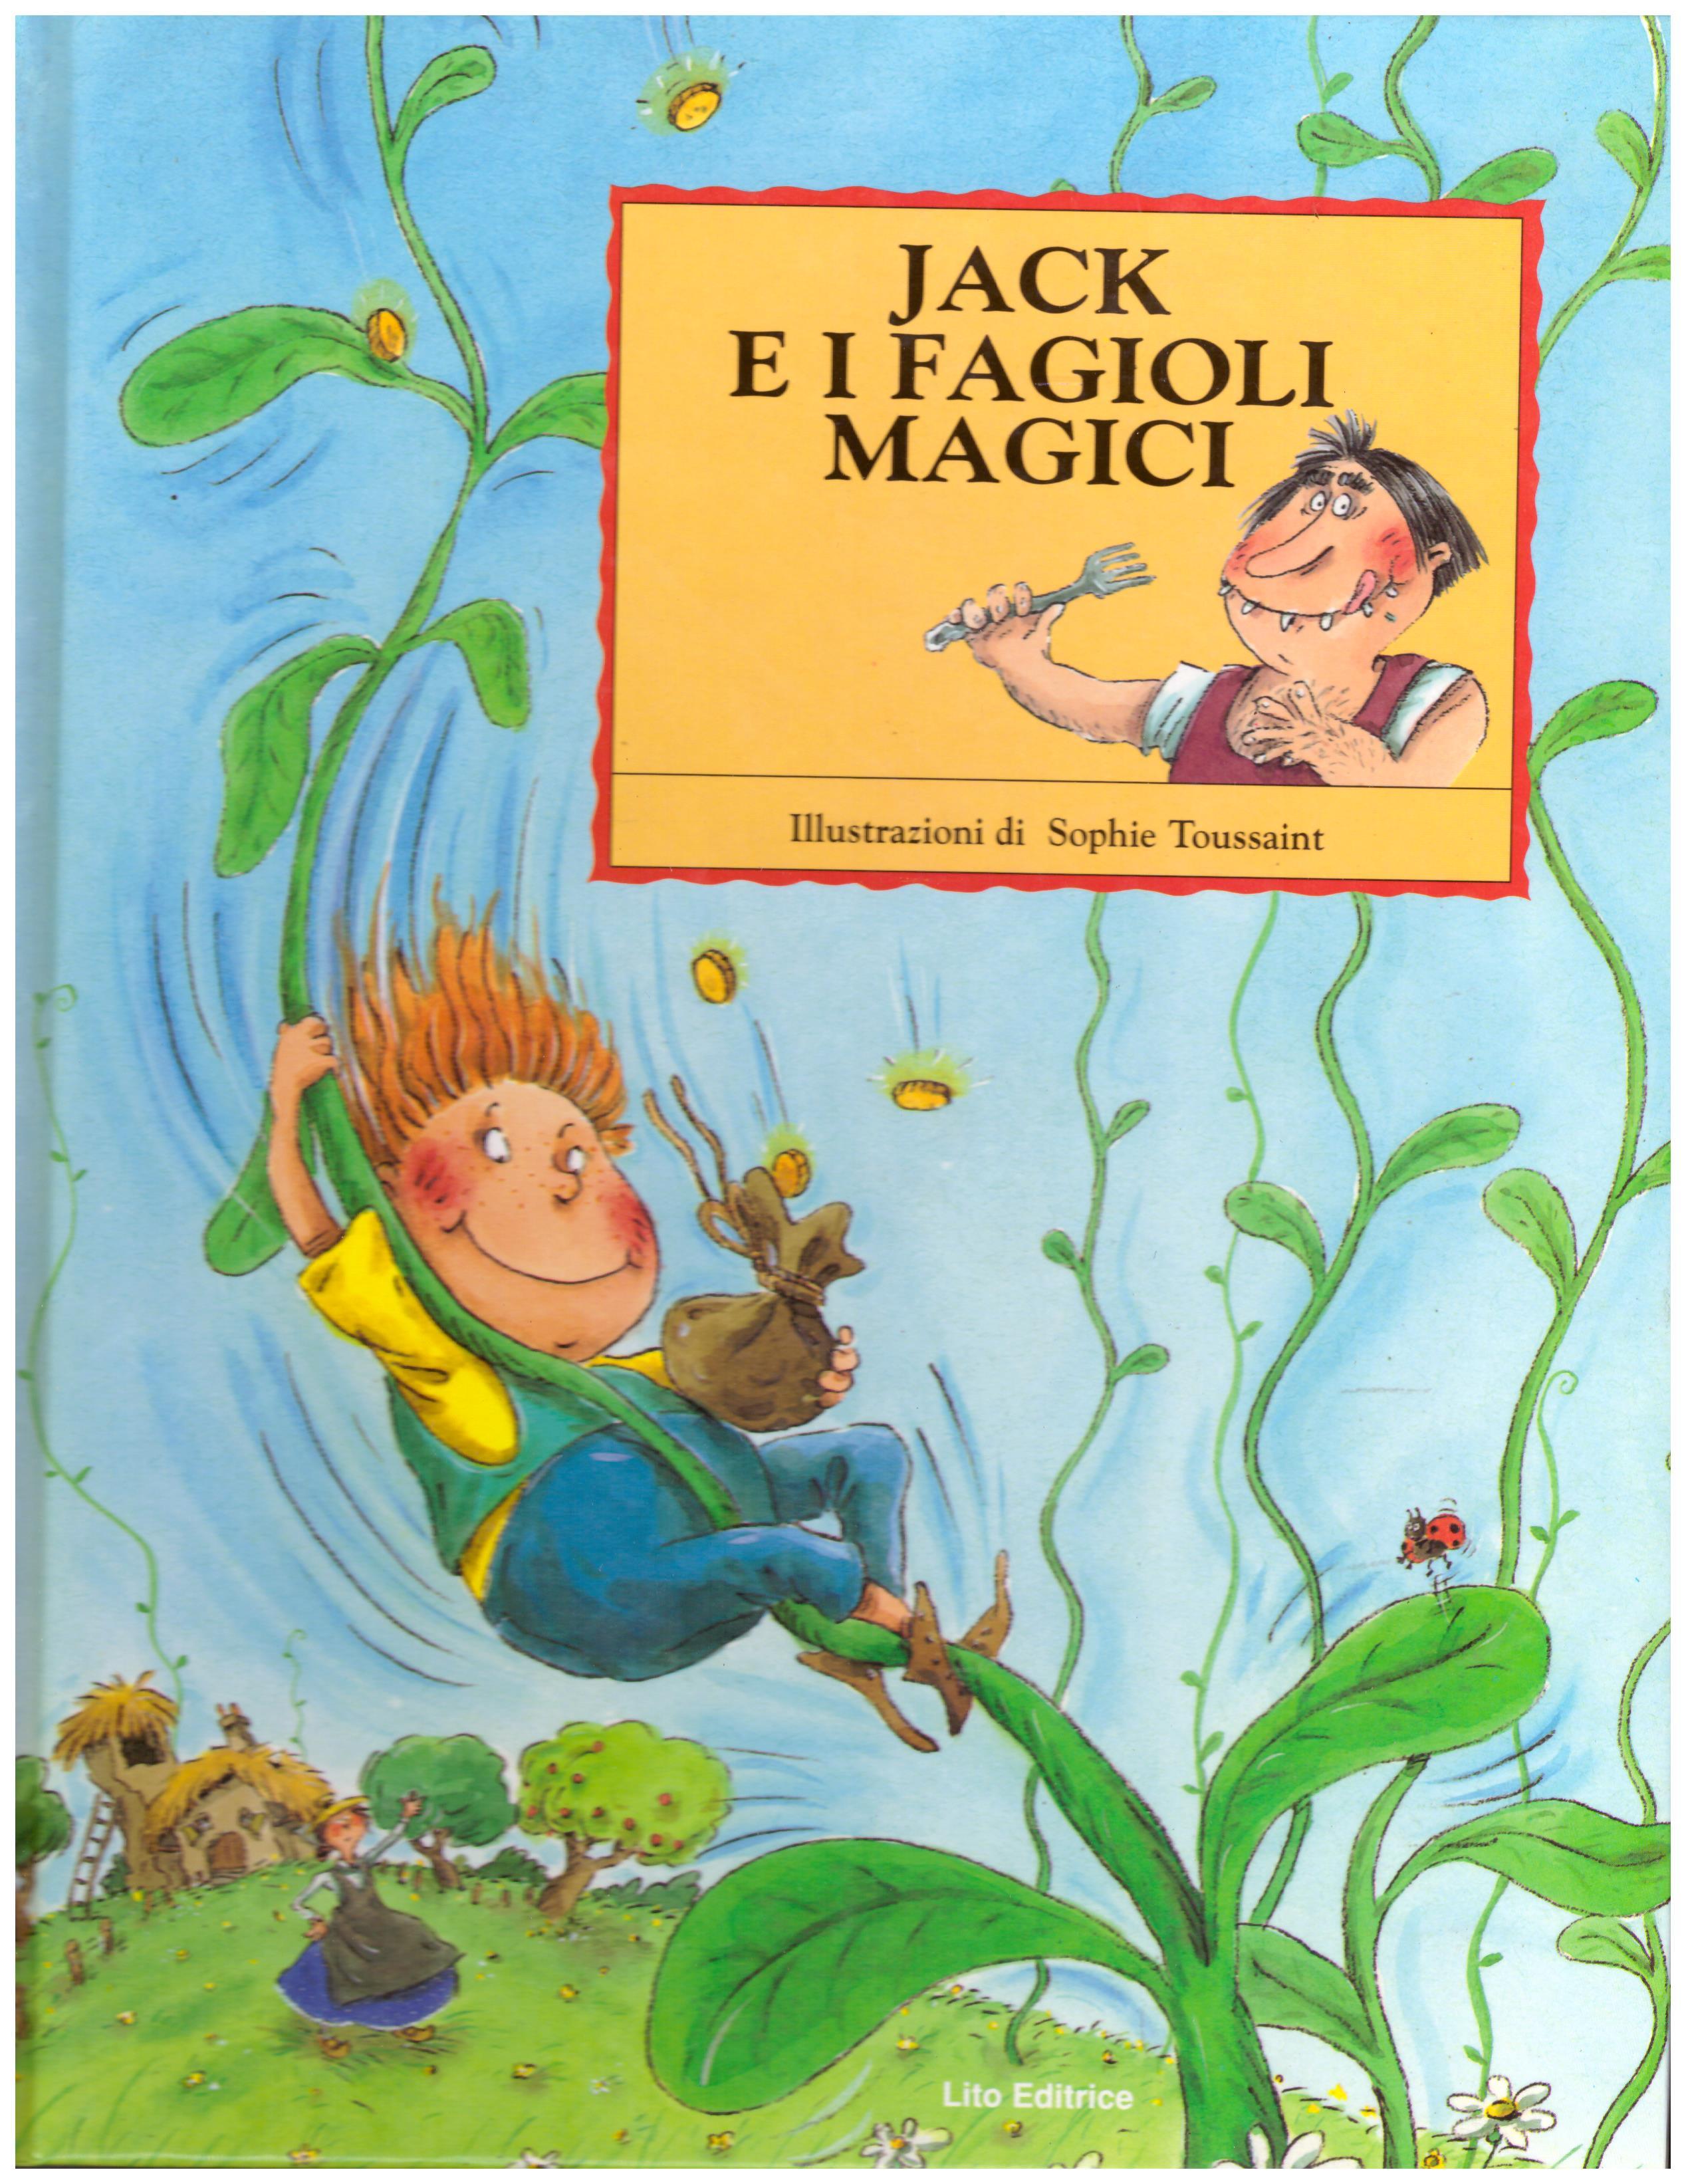 Titolo: Jack e i fagioli magici    Autore: illustrazioni di Sophie Toussaint     Editore: Lito editrice